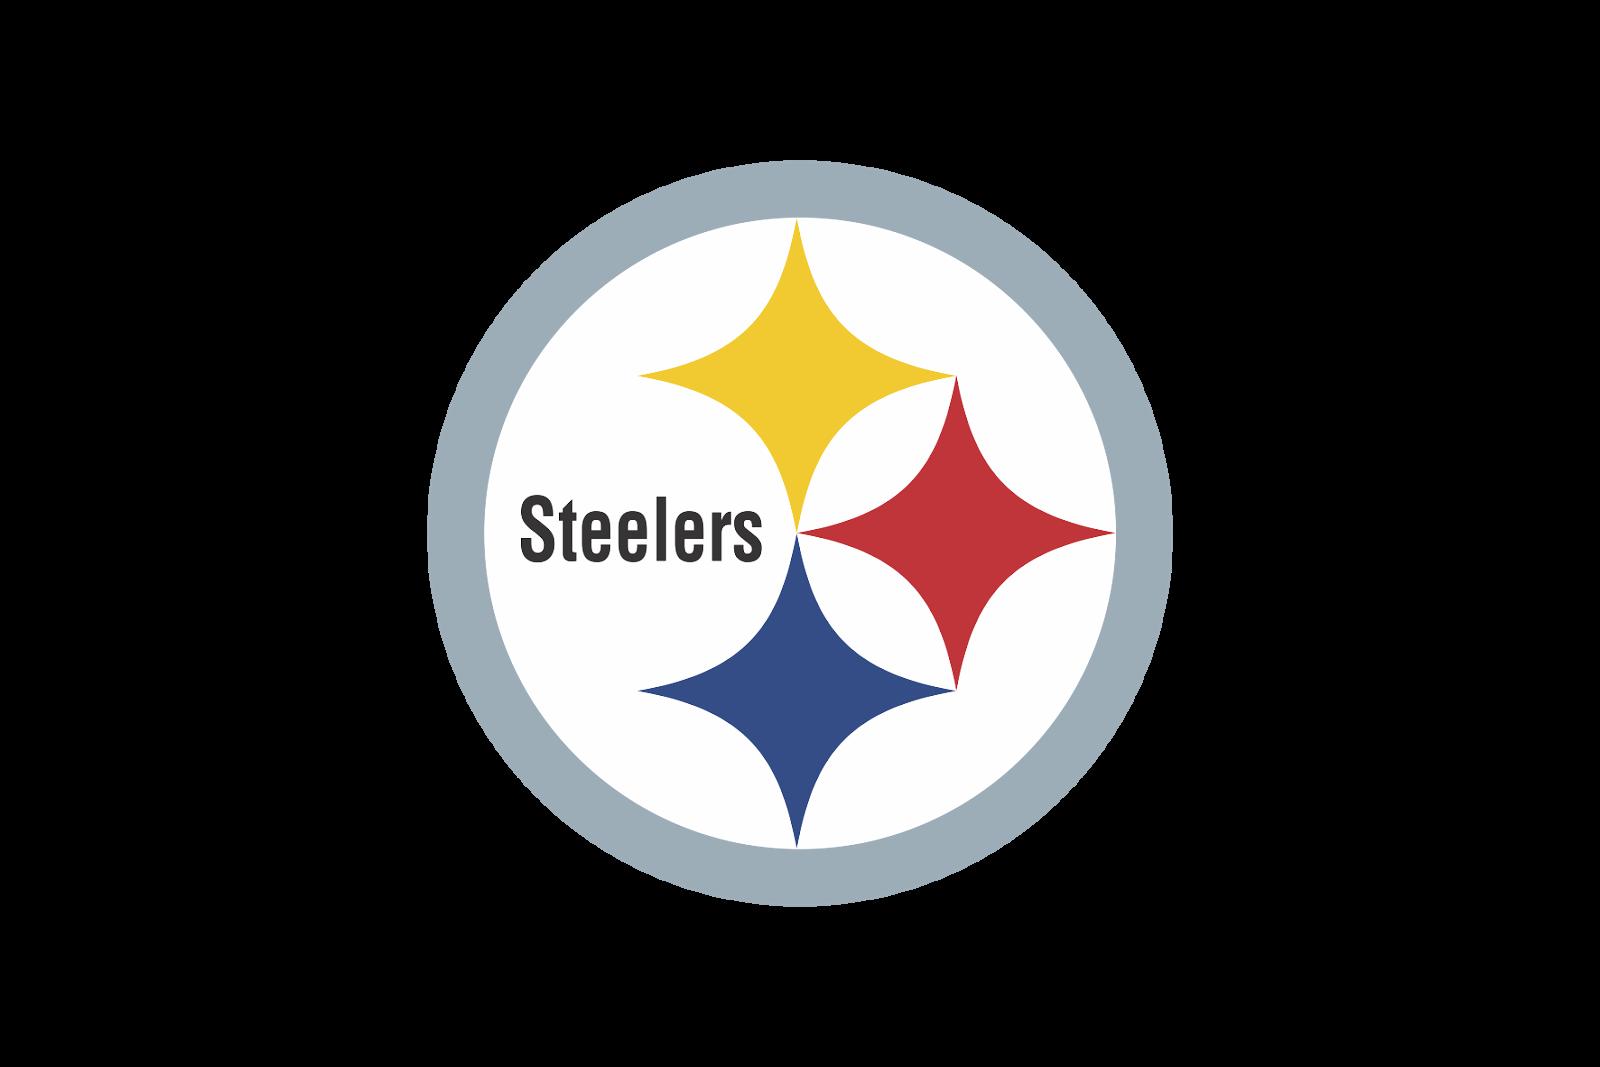 Steelers Vector